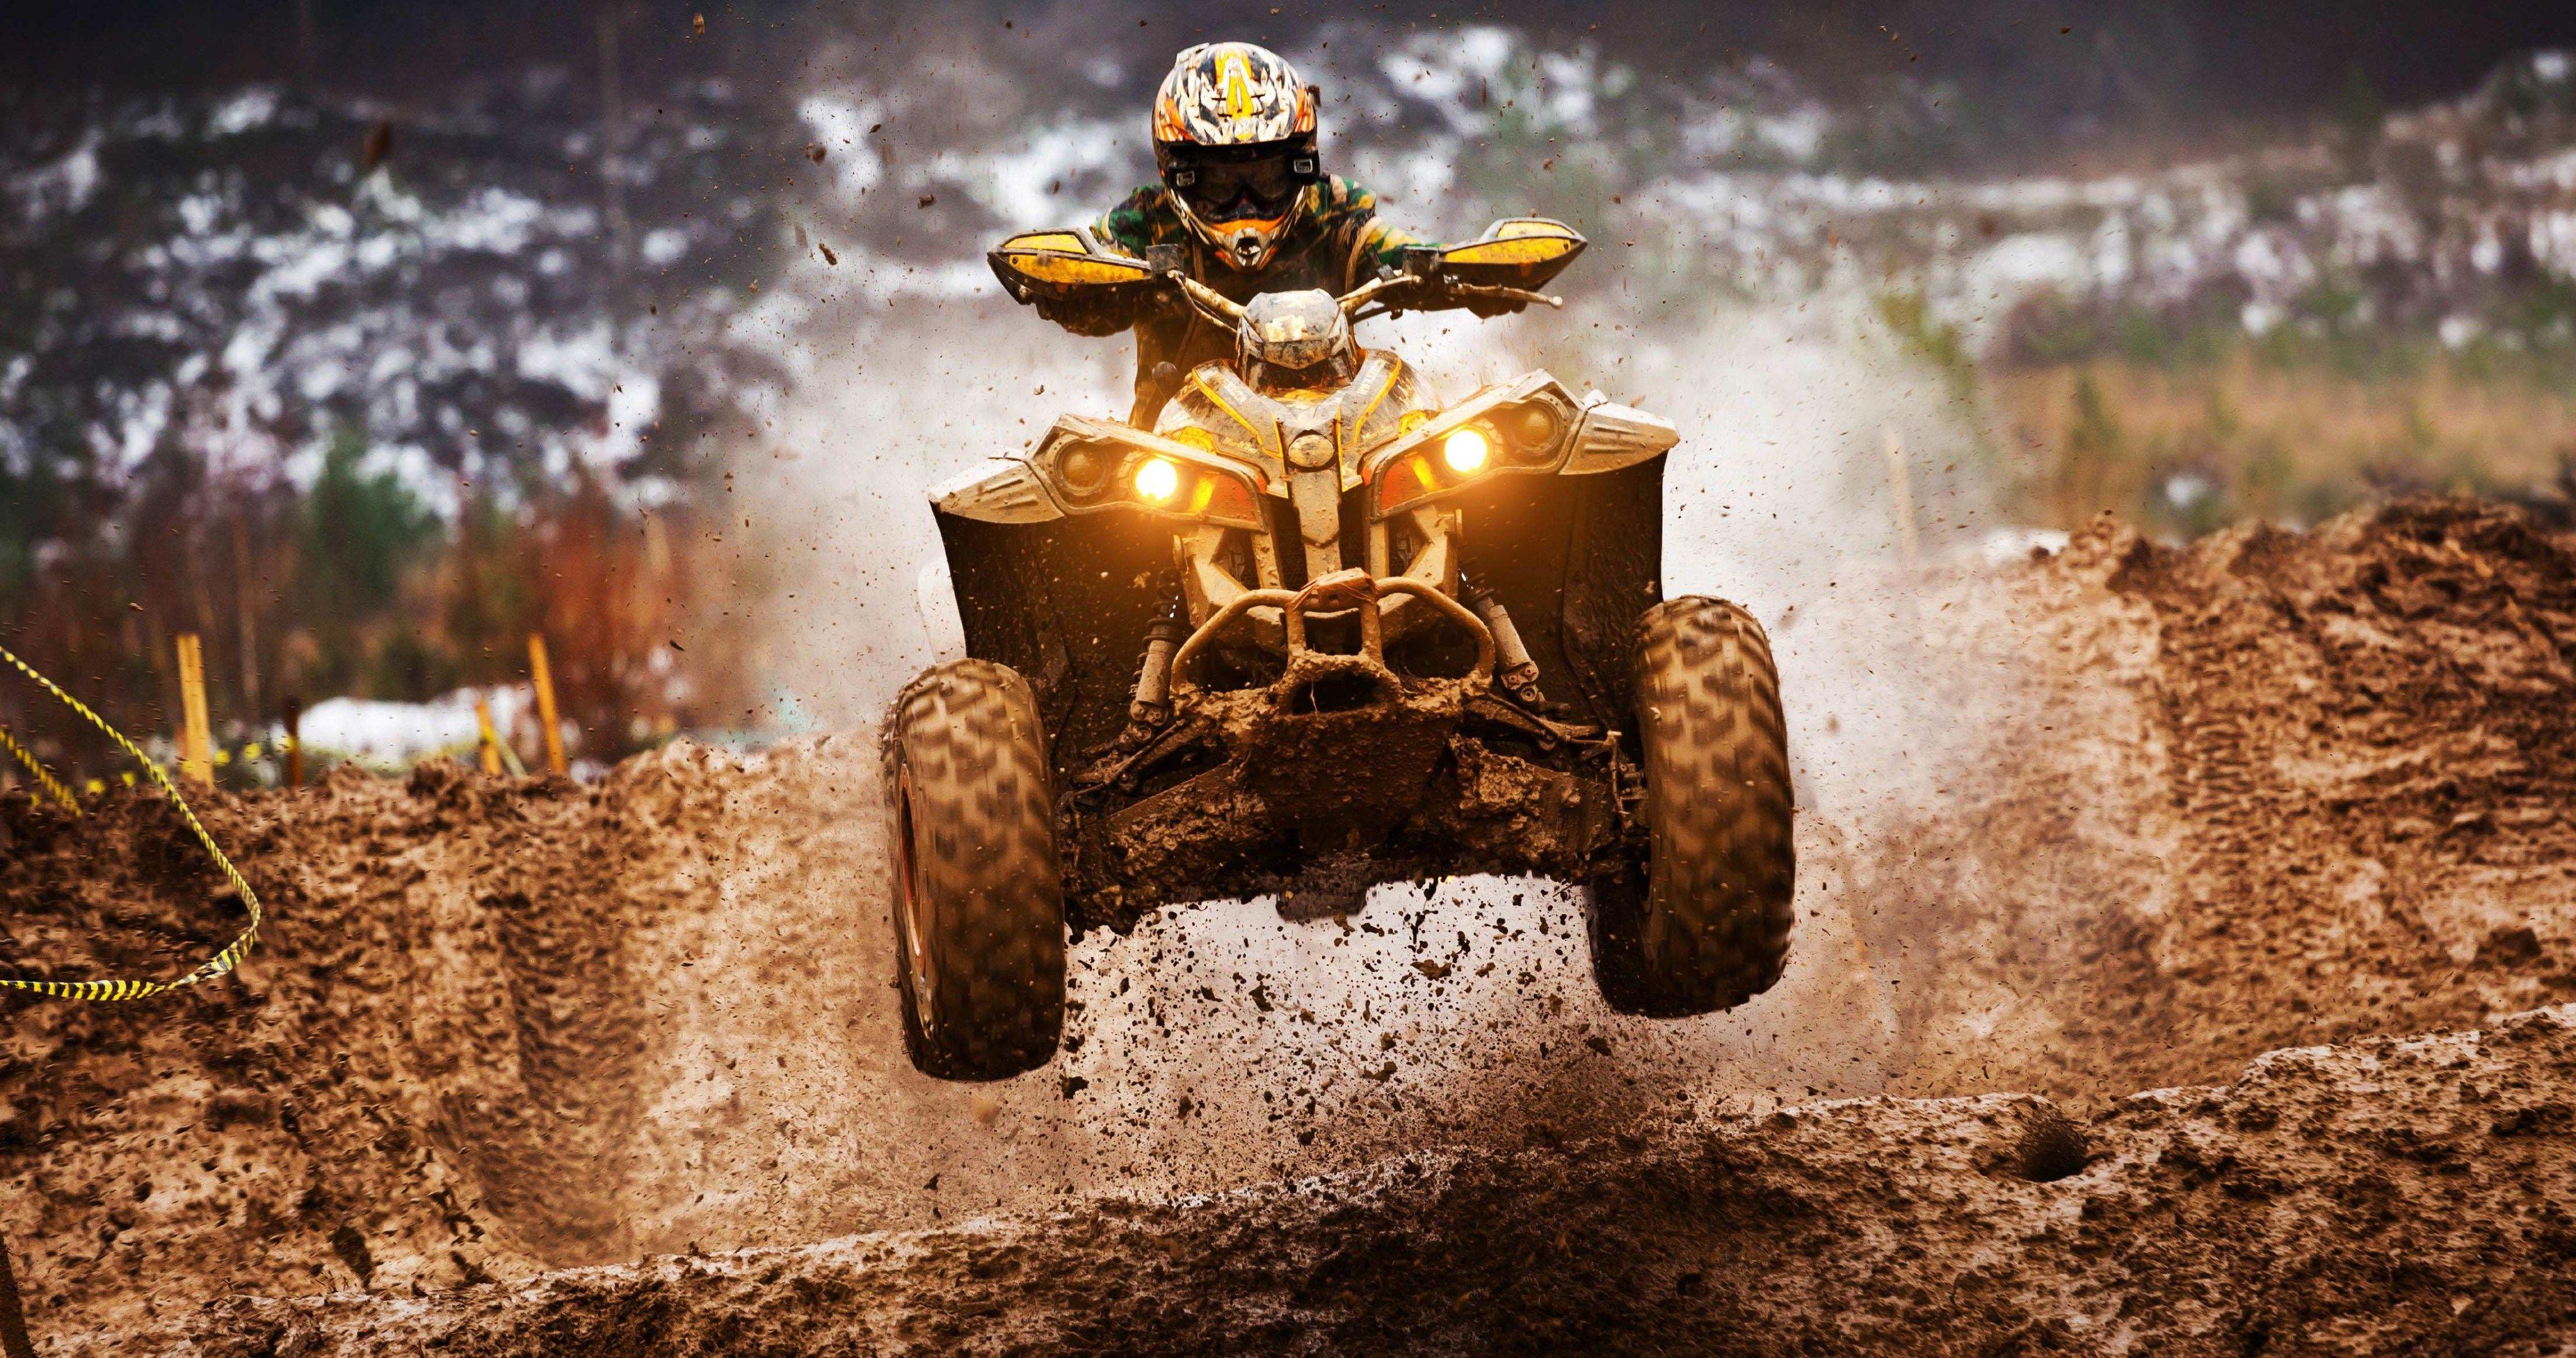 Quadricycle Atv 4k Ultra Hd Wallpaper Atv Motocross Best Atv Atv